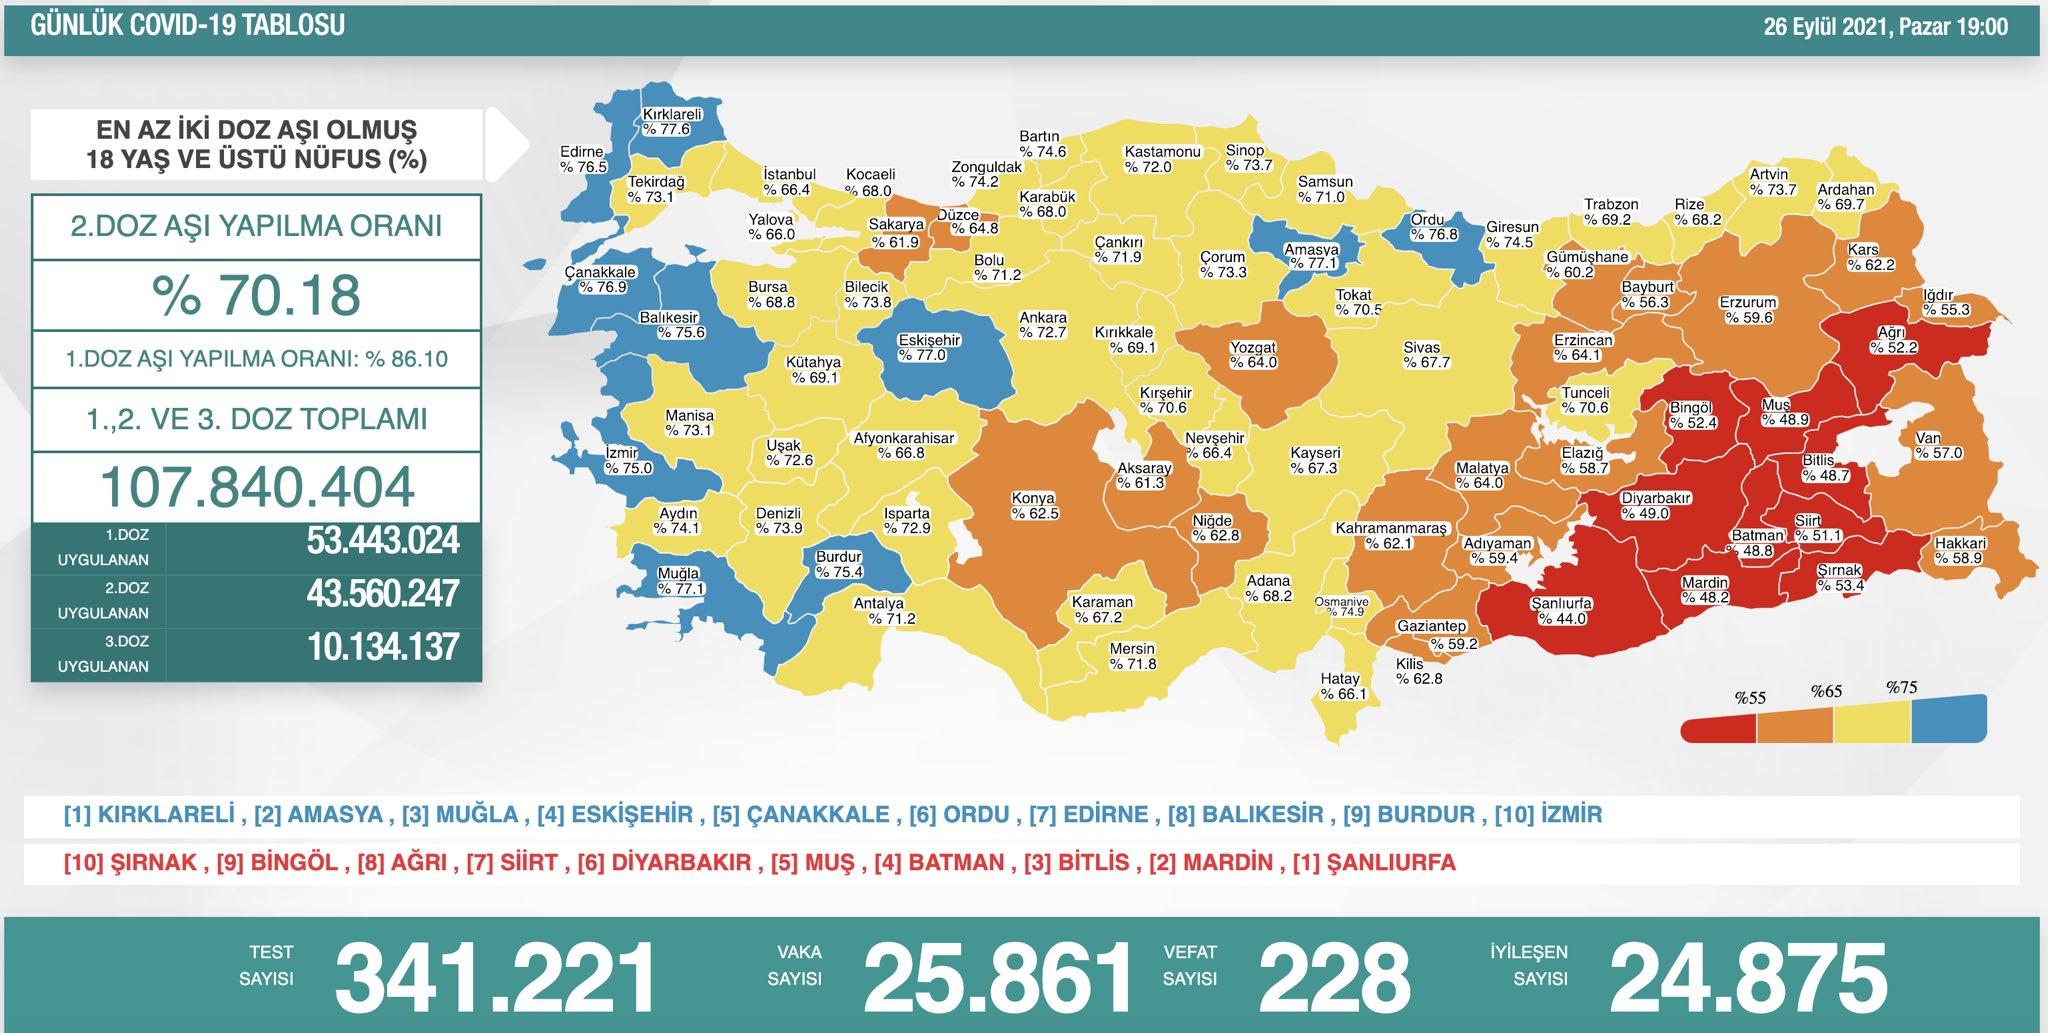 27 Eylül 2021 Pazartesi Türkiye Günlük Koronavirüs Tablosu   Bugünkü korona tablosu   Coronavirüs vaka ve ölüm sayısı kaç oldu?